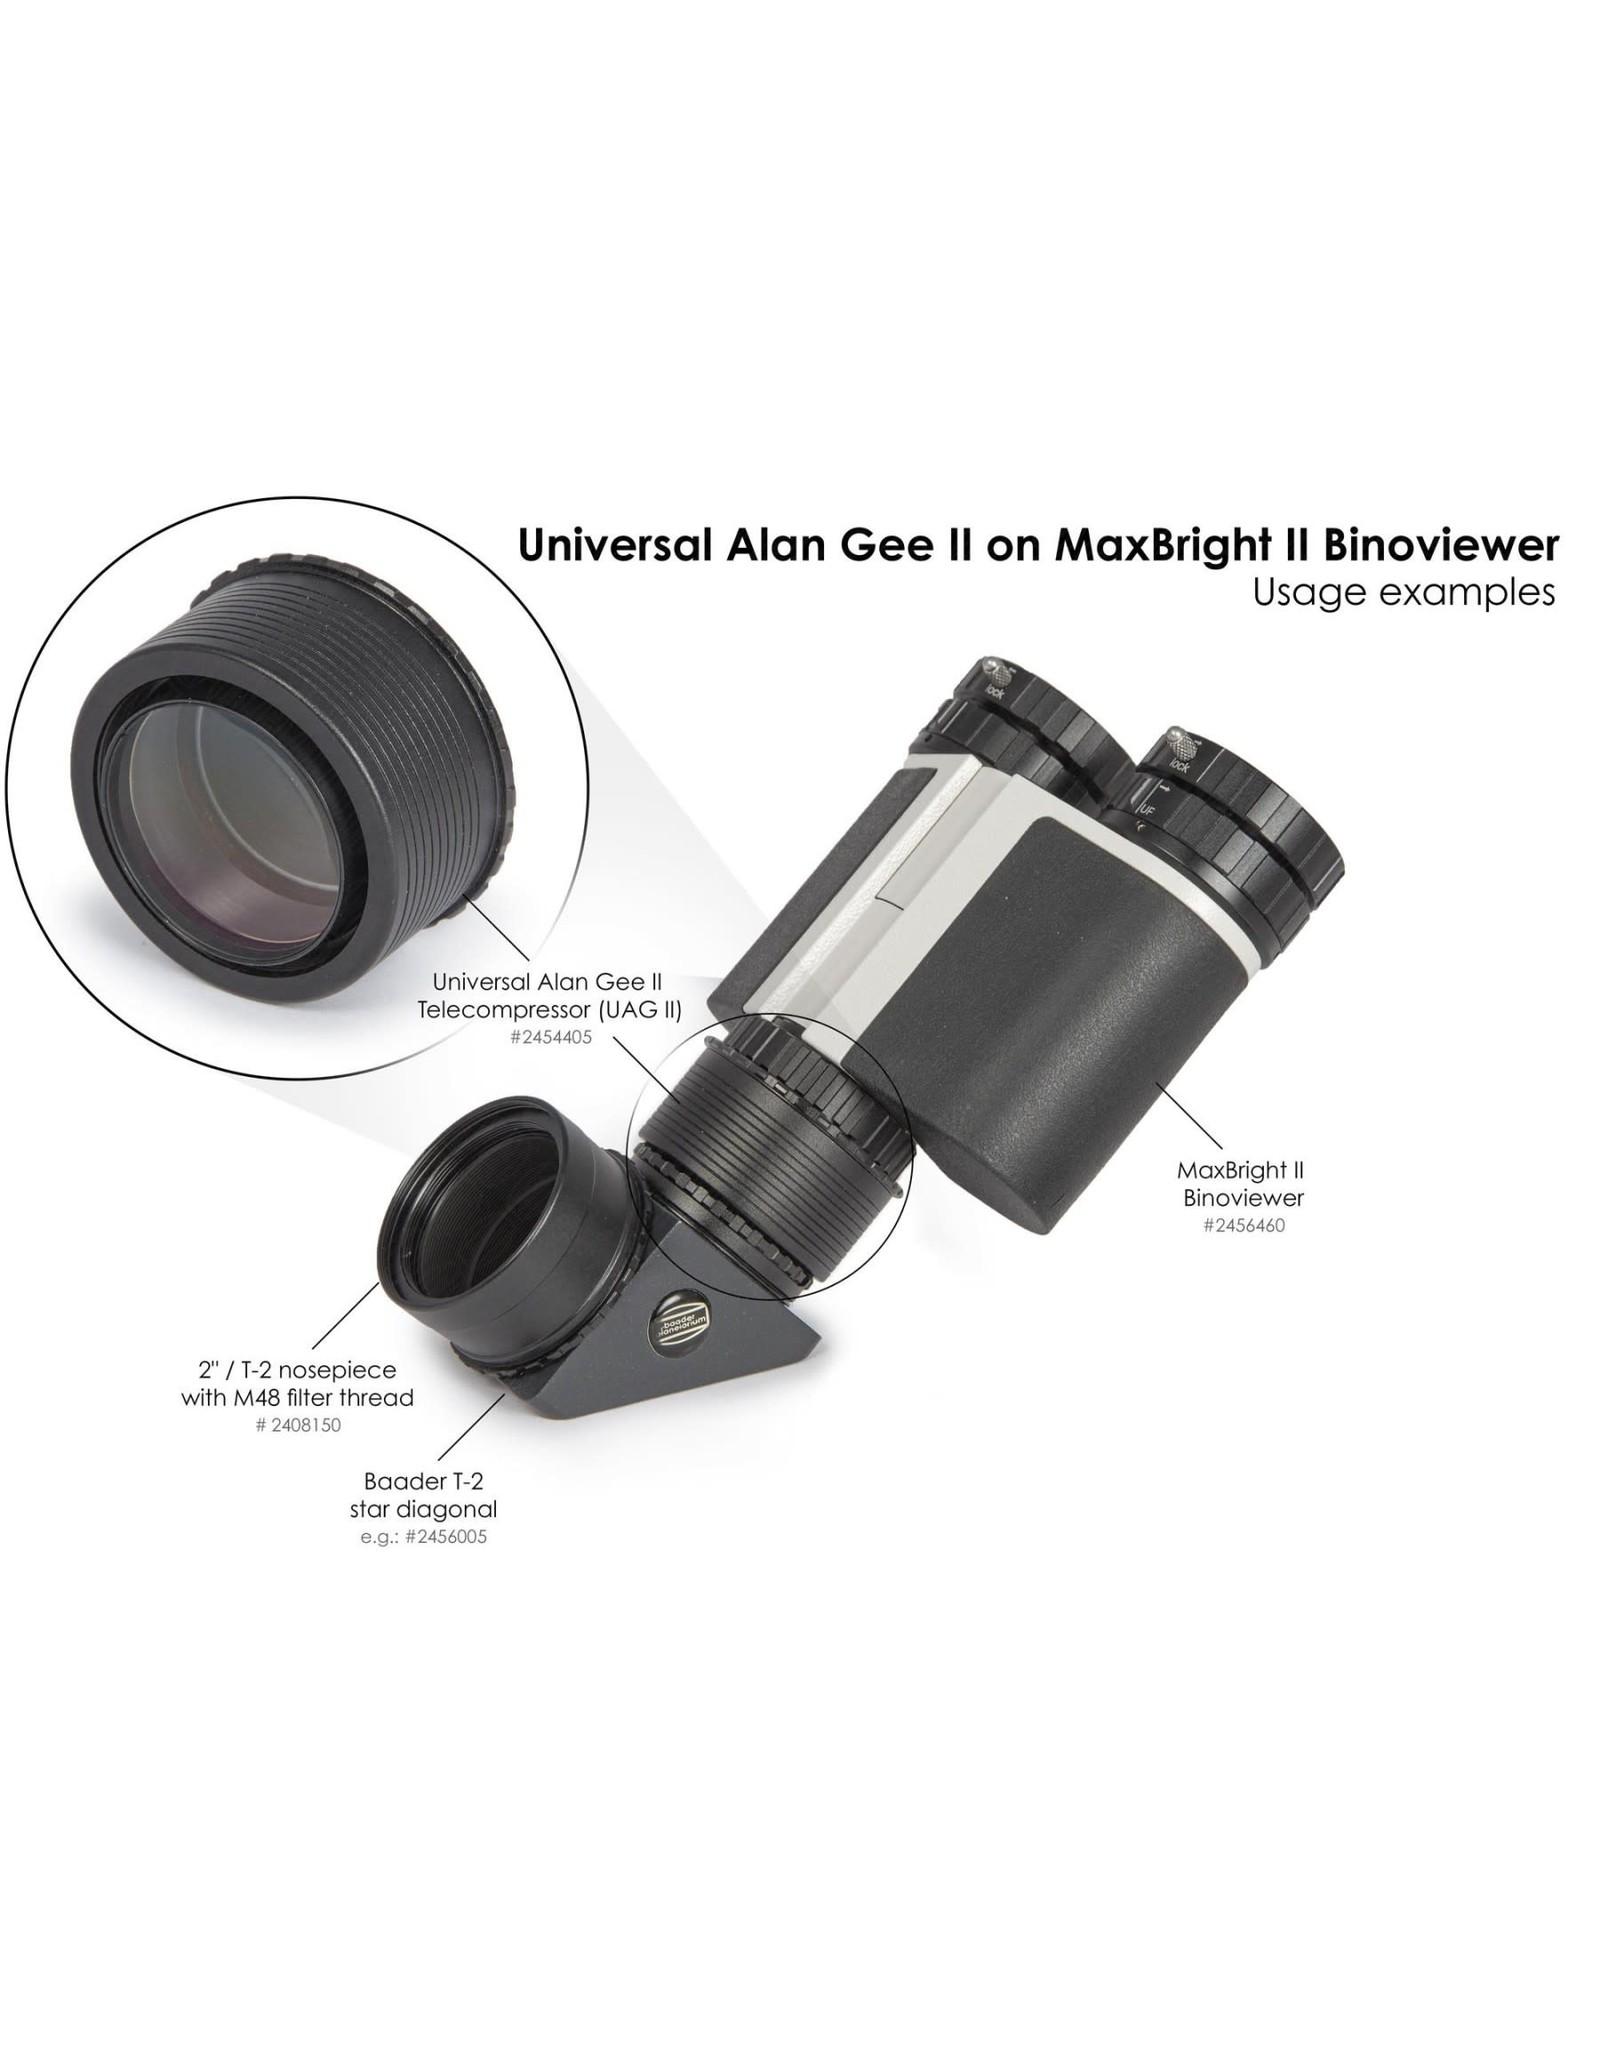 Baader Planetarium Baader Planetarium Alan Gee Mark II Telecompressor - AGII